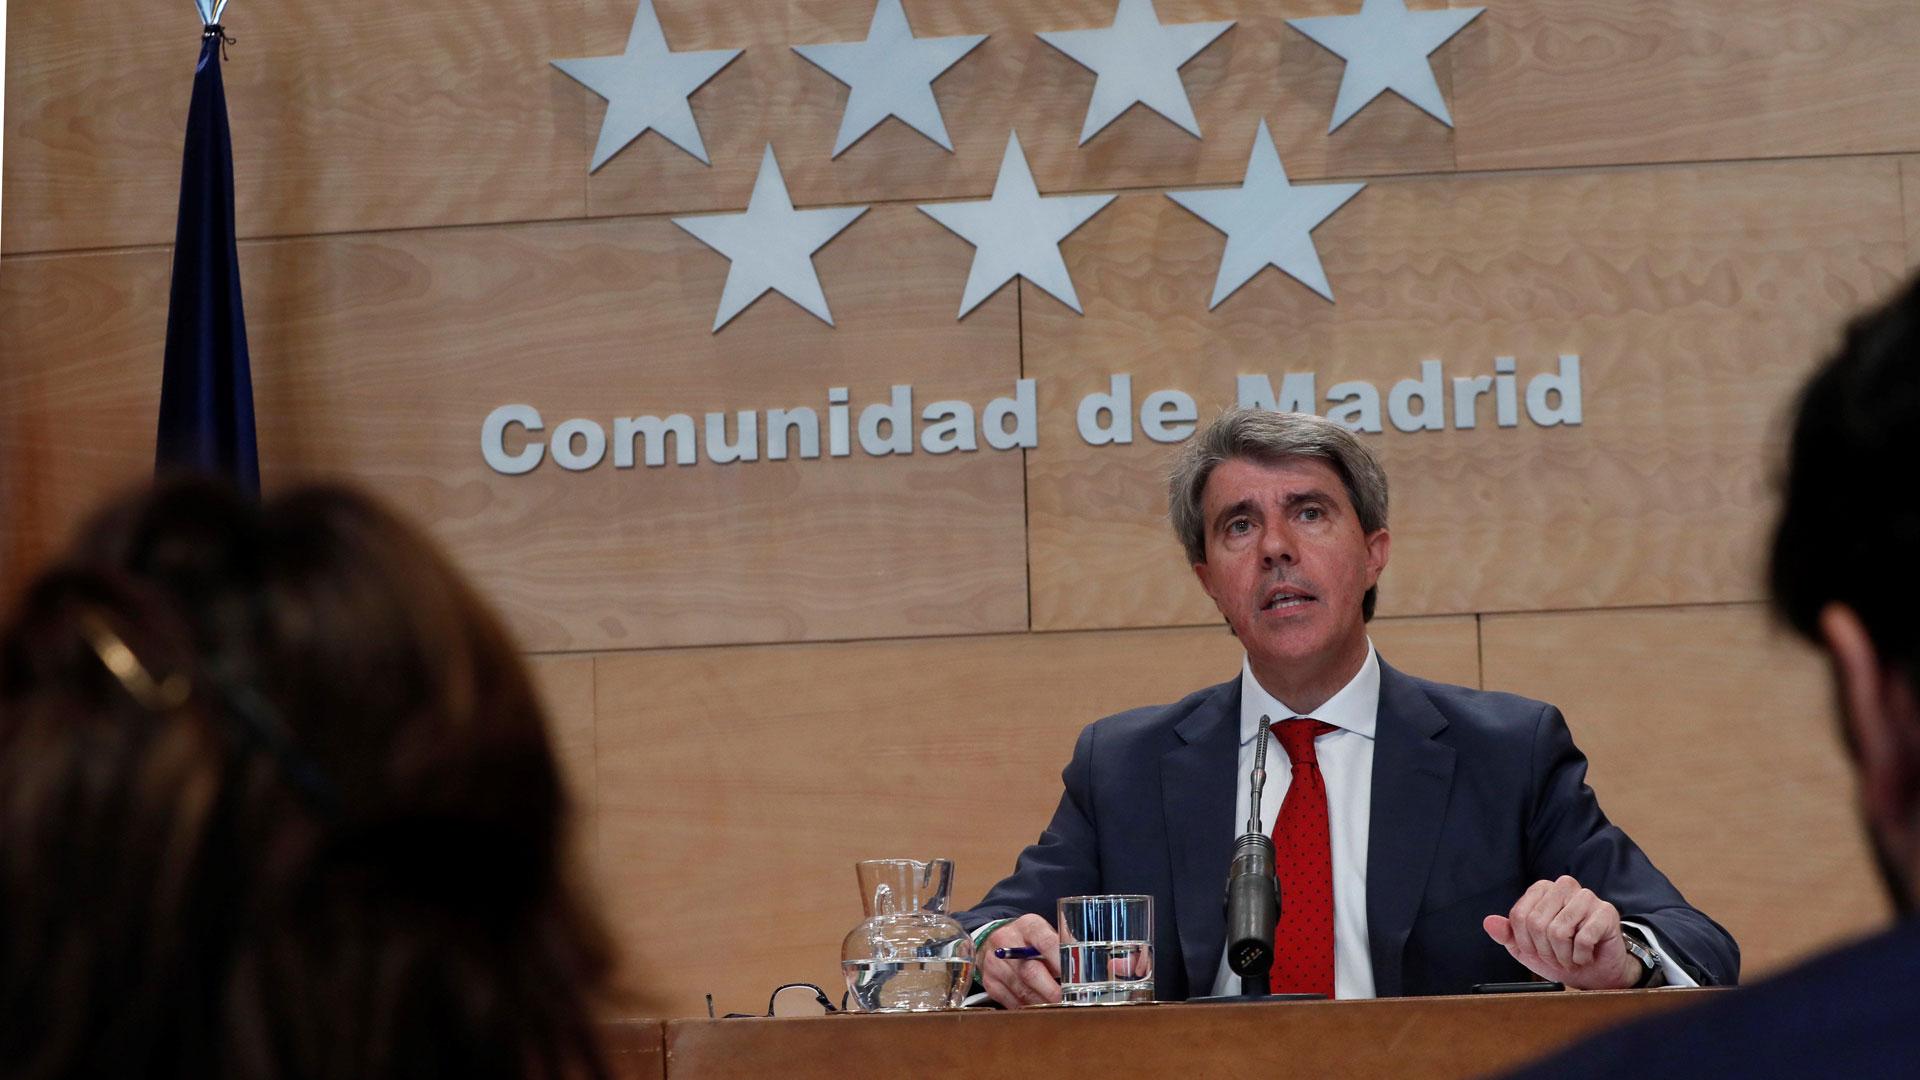 La Comunidad de Madrid en 4' - 08/05/18